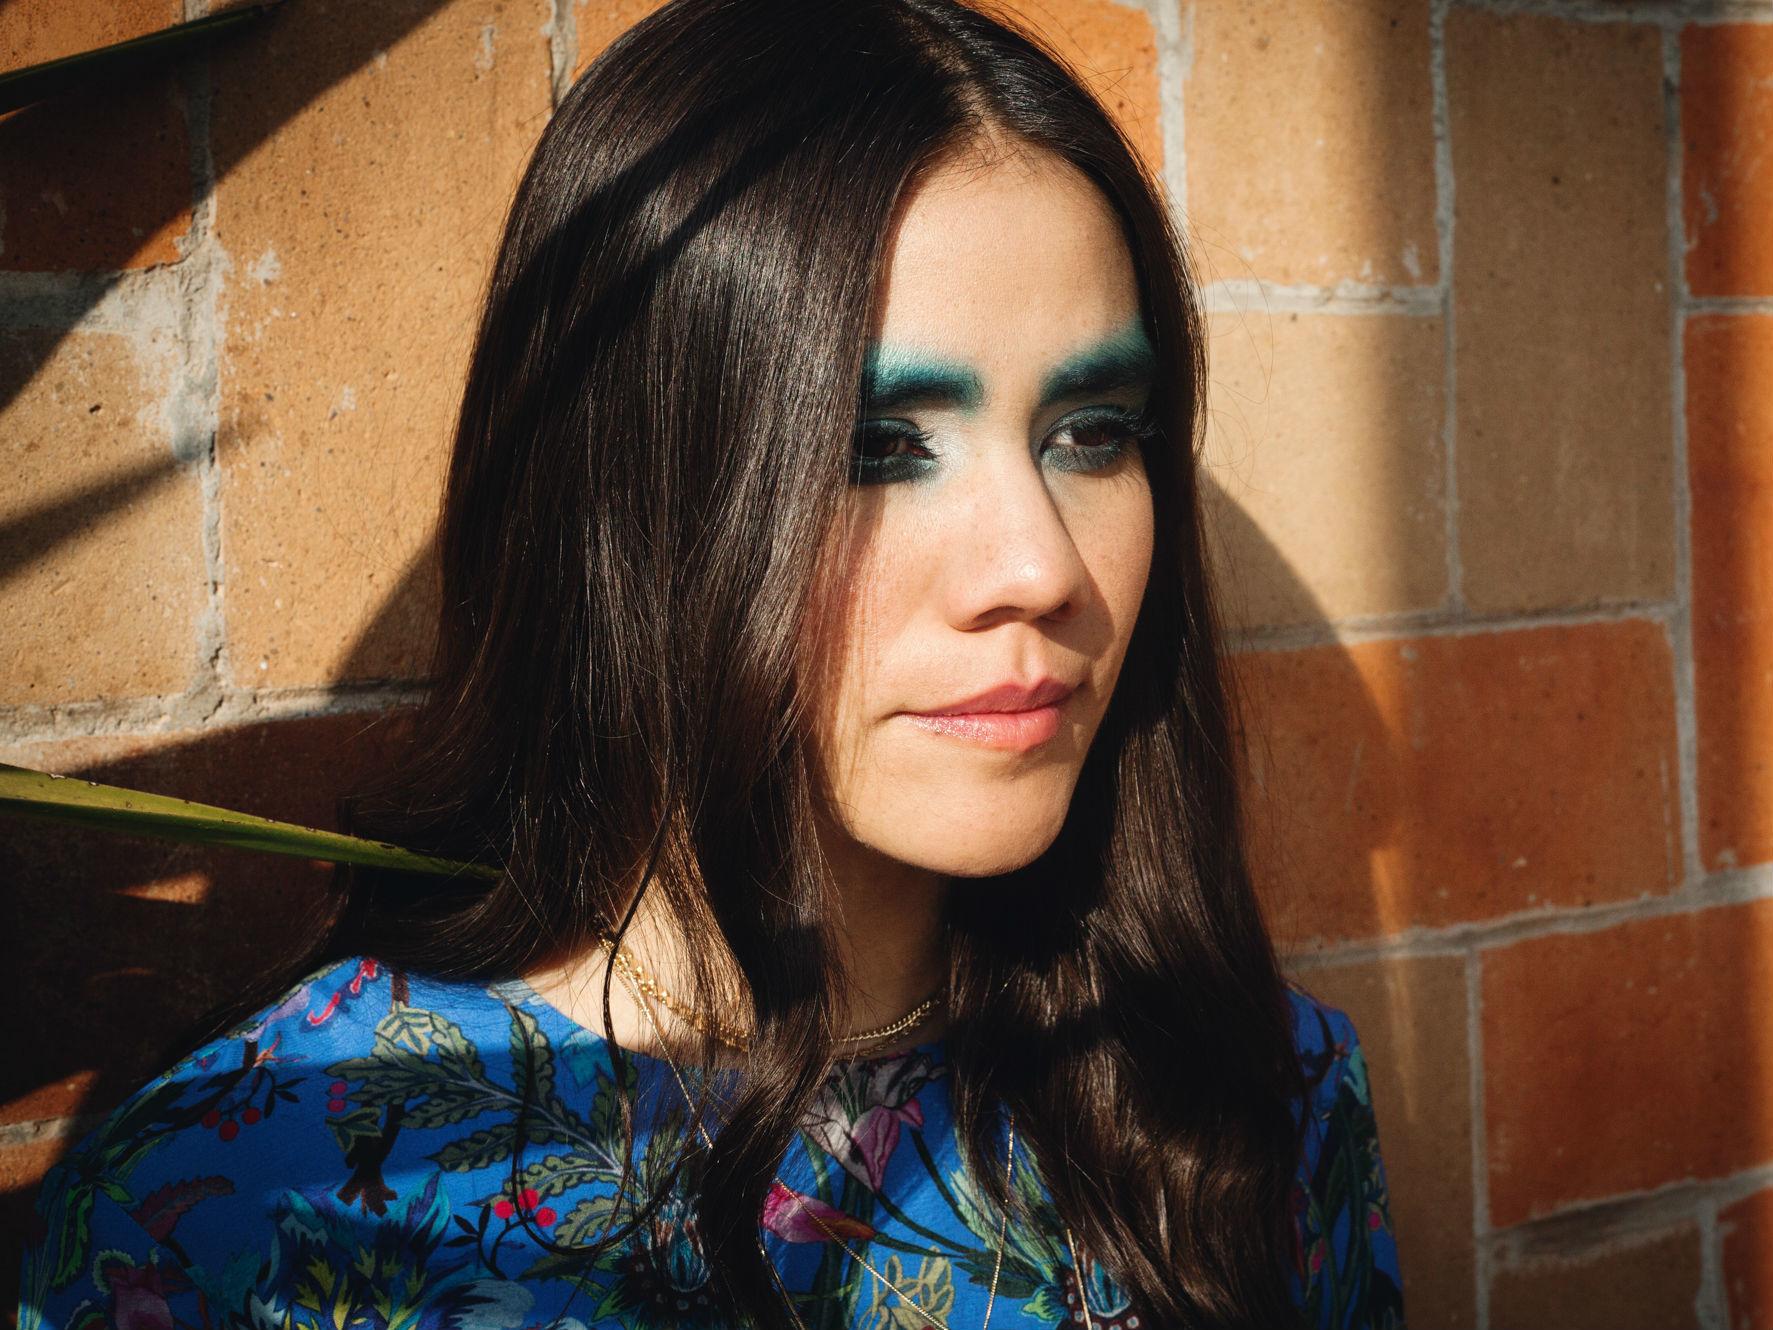 Paulina Sotomayor, parte del dueto Sotomayor, se presentará en el GRRRL NOISE